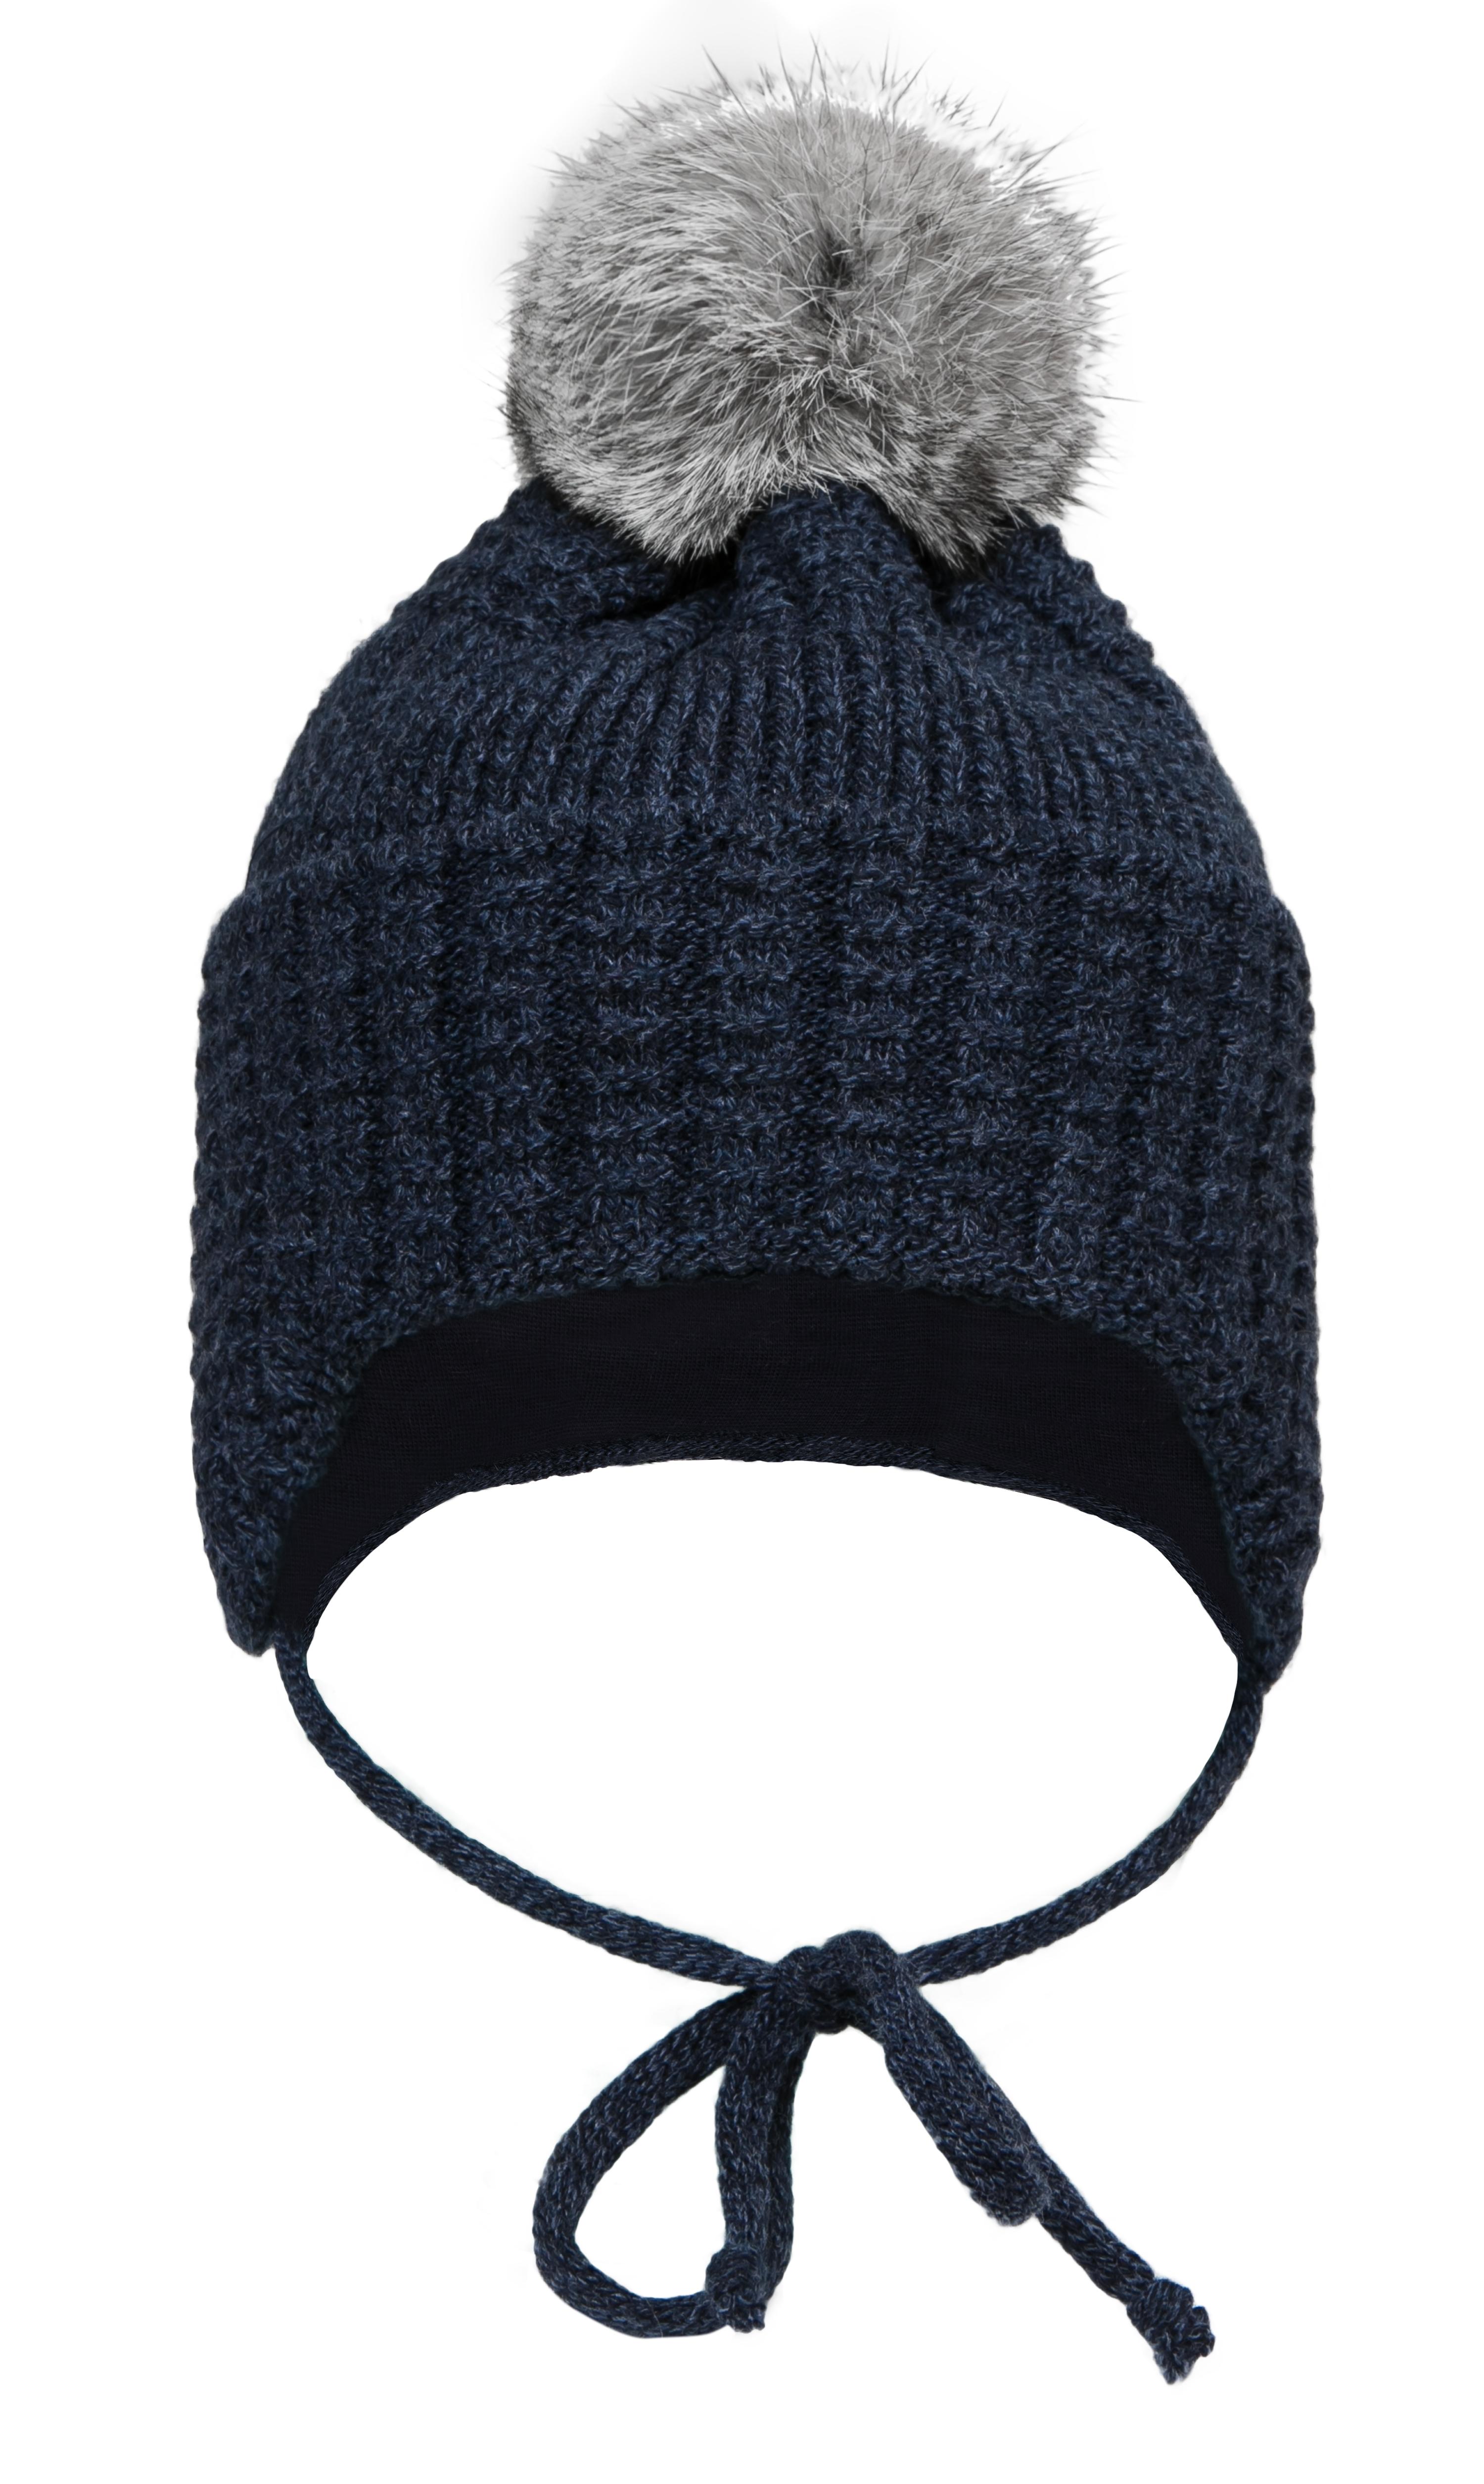 Шапка (ушанка) Barkito W18B4007A шапка ушанка для мальчика barkito темно синяя с рисунком в полоску